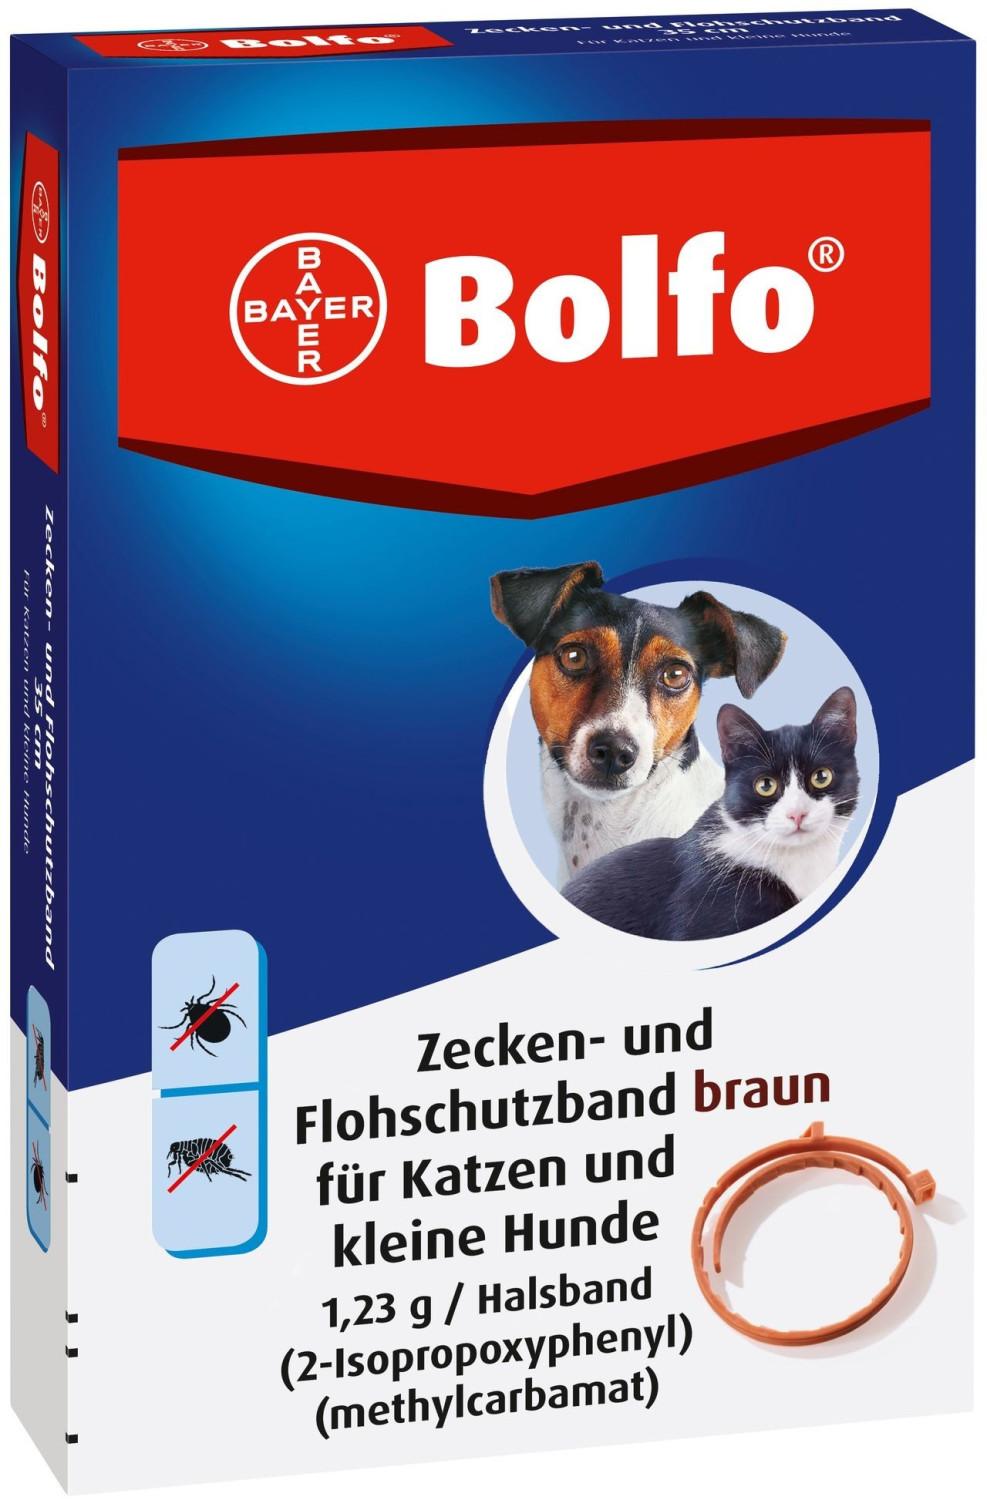 Bayer Bolfo Flohschutzband braun für Katzen und...